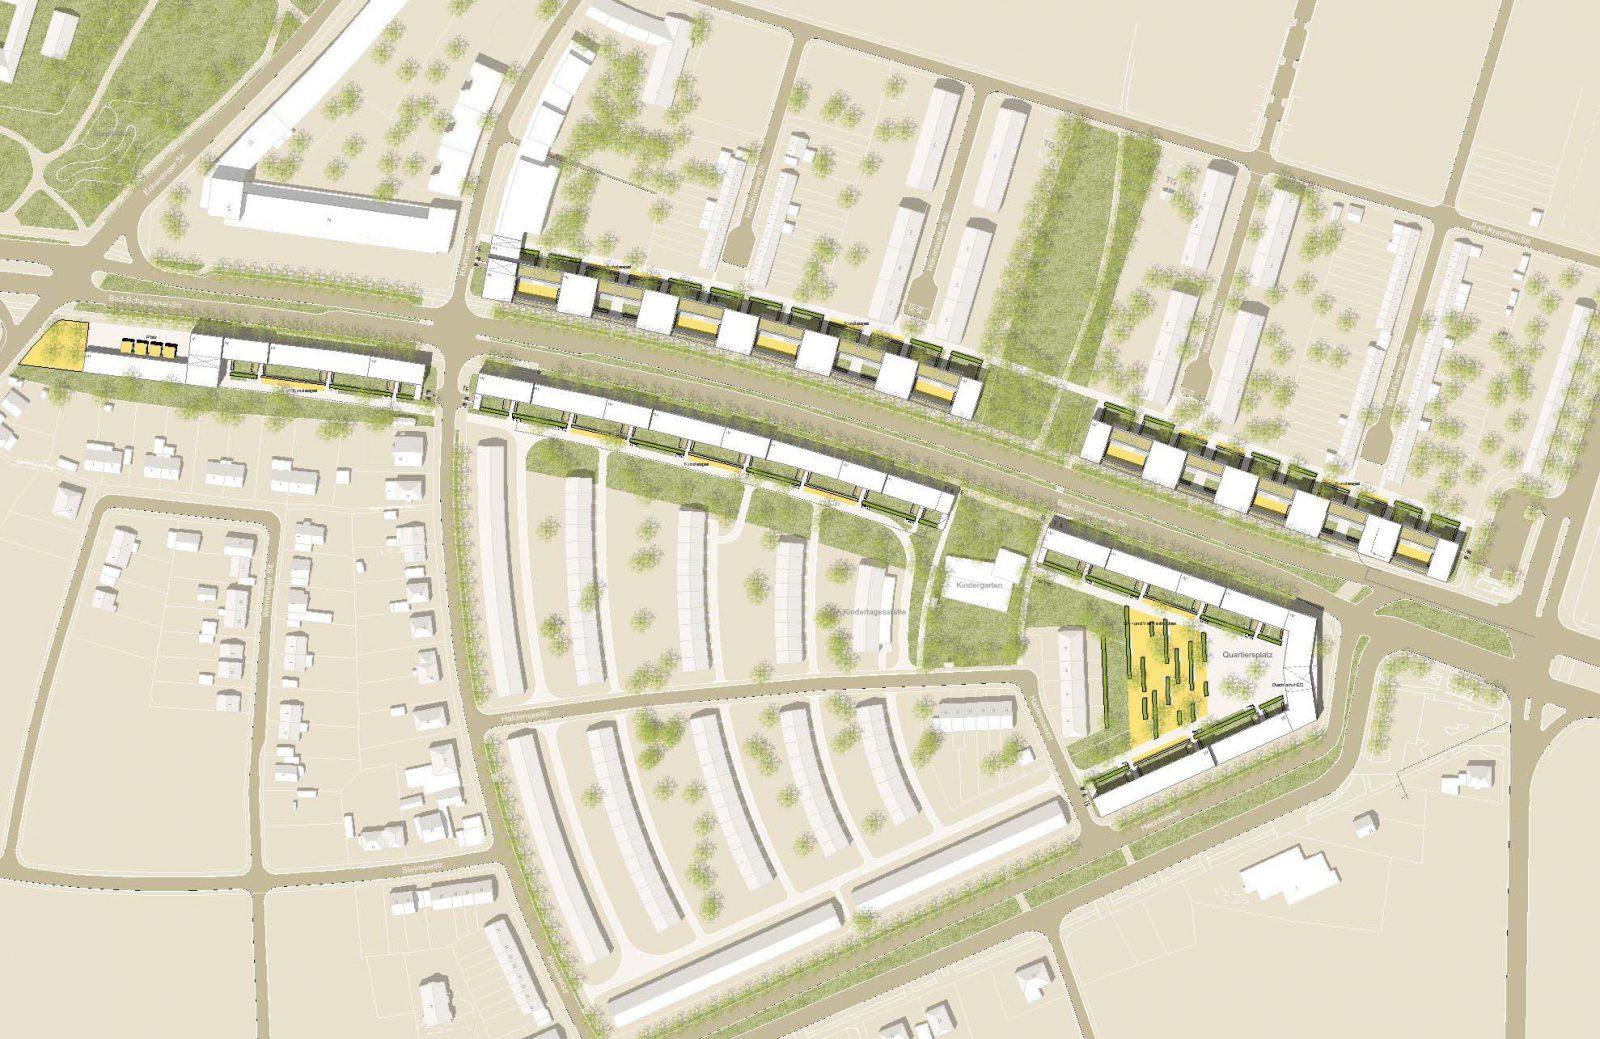 Lageplan-Neubau-Wohnbebauung in der Bad Schachener Strasse in Muenchen-Wettbewerb-Ankauf-2009-Friedrich-Poerschke-Zwink-Architekten